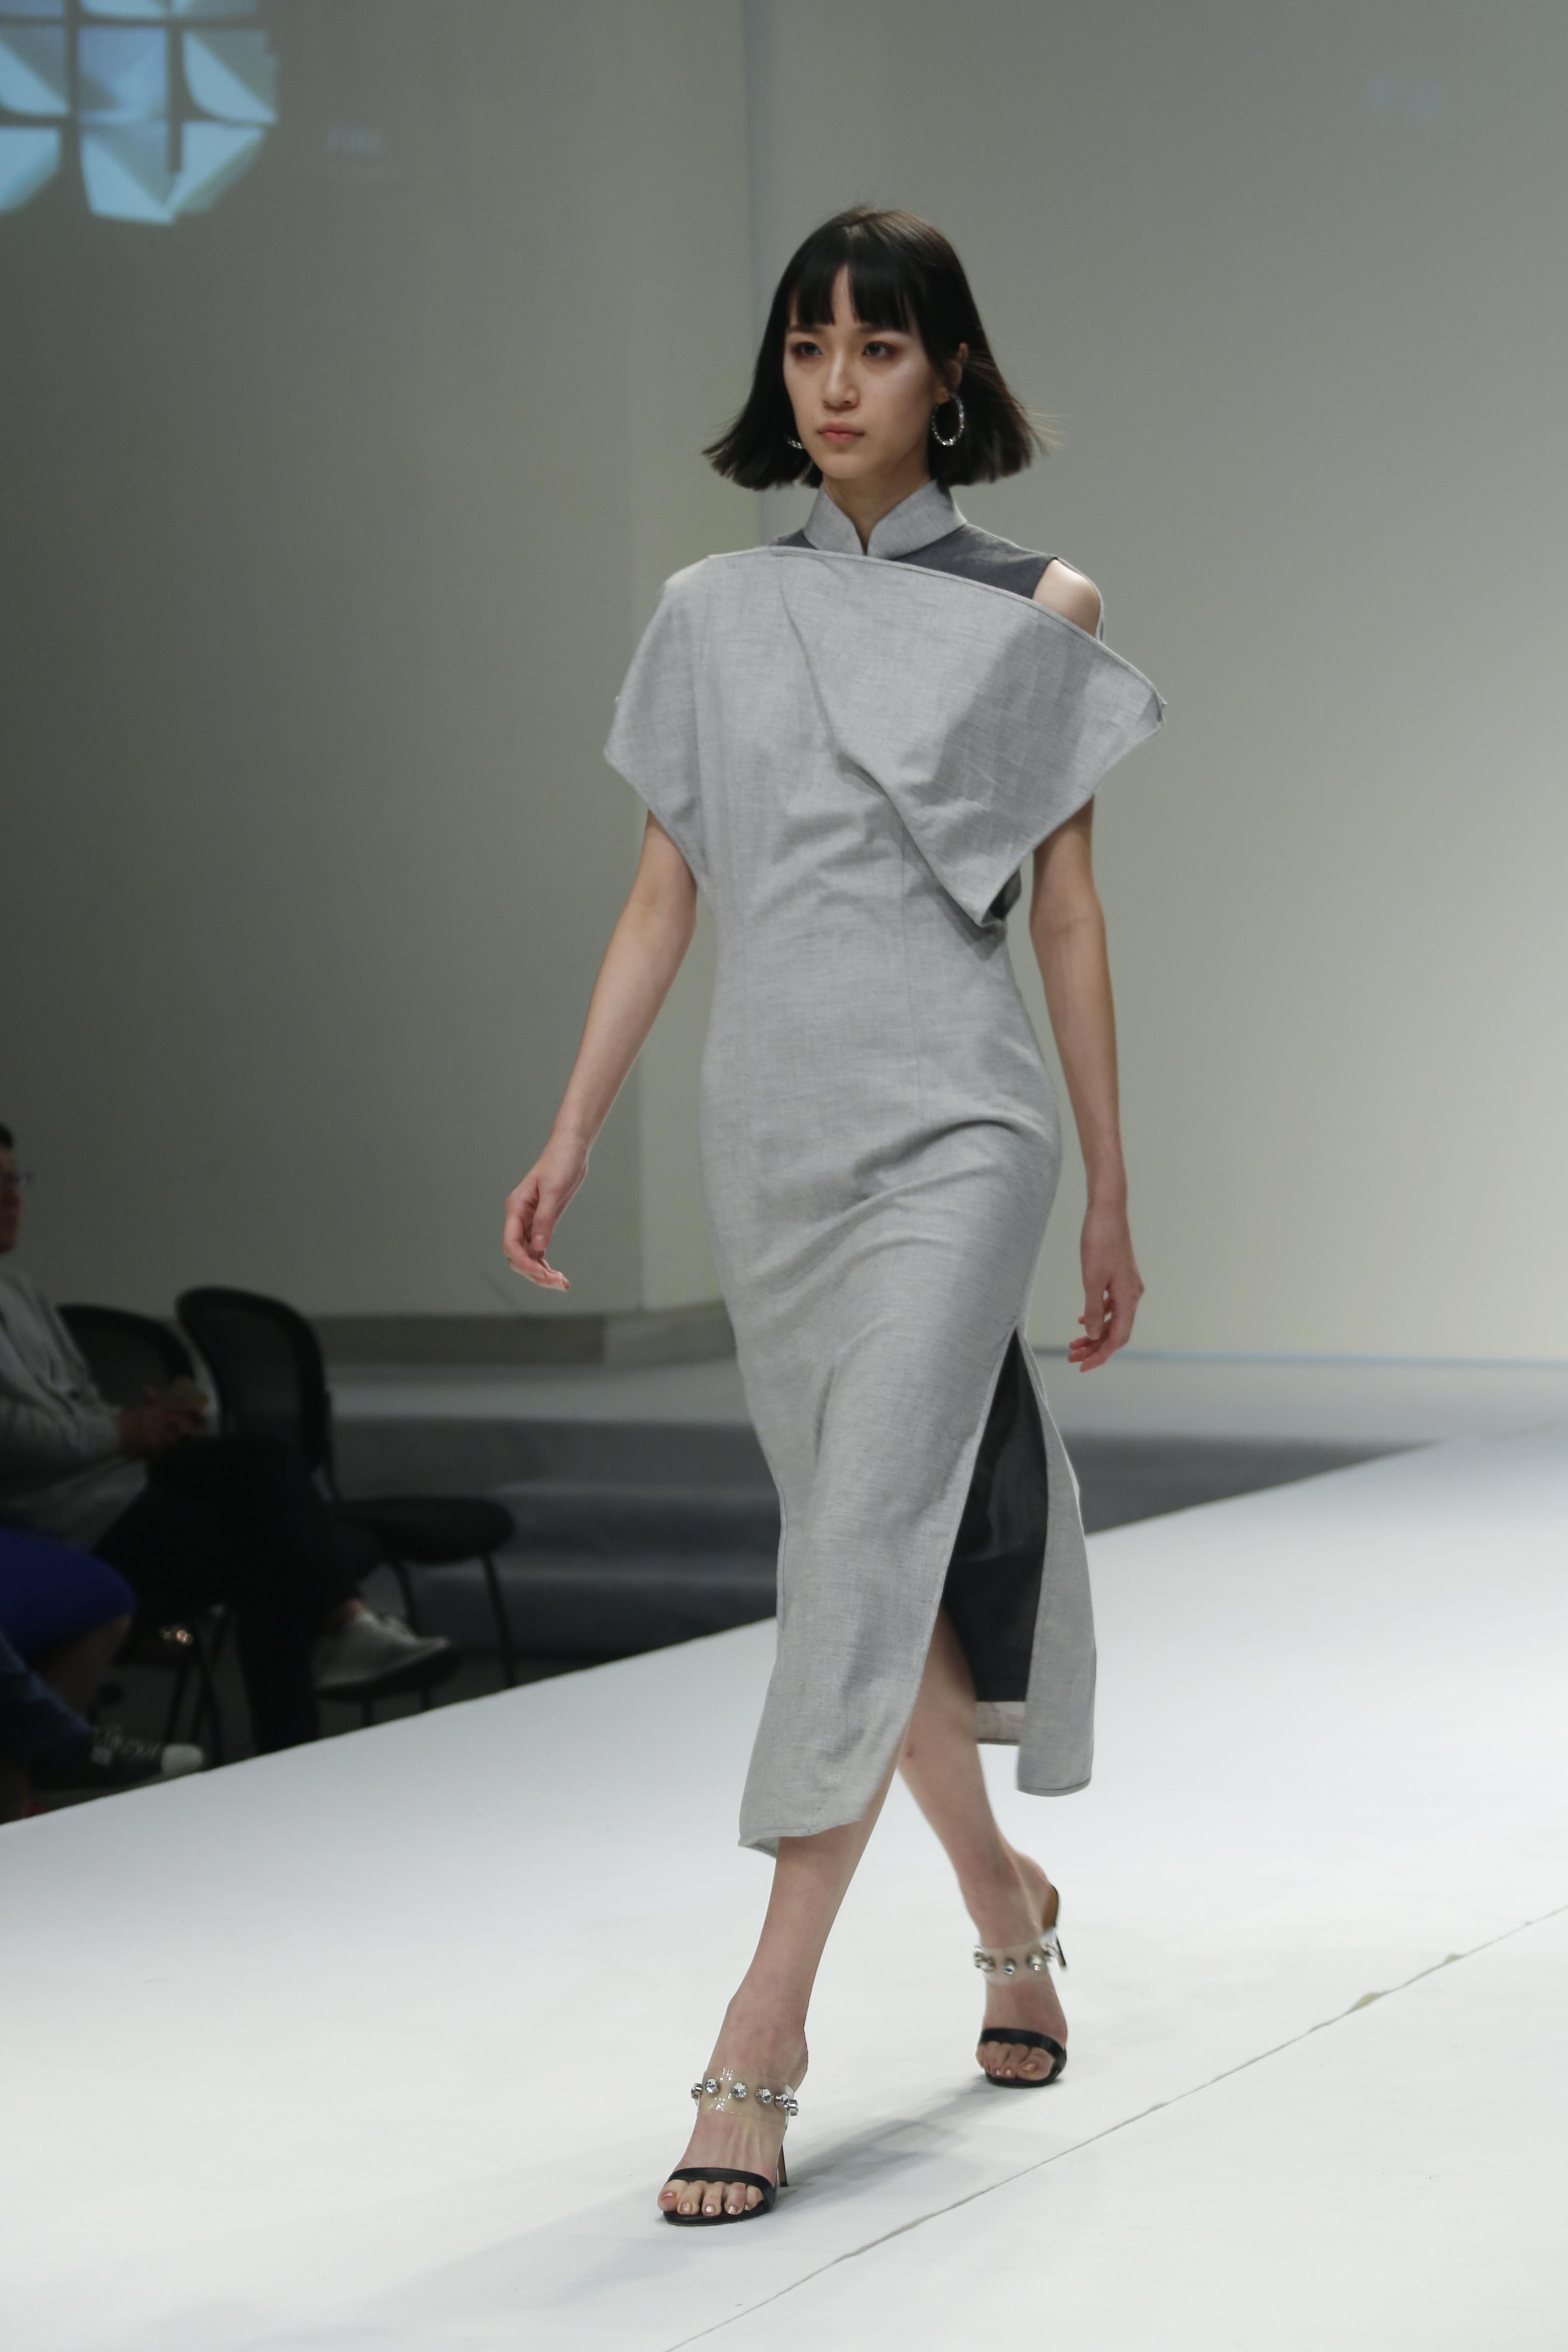 上海时尚之都以科技之名为旗袍赋能,亮相爱丁堡艺术节